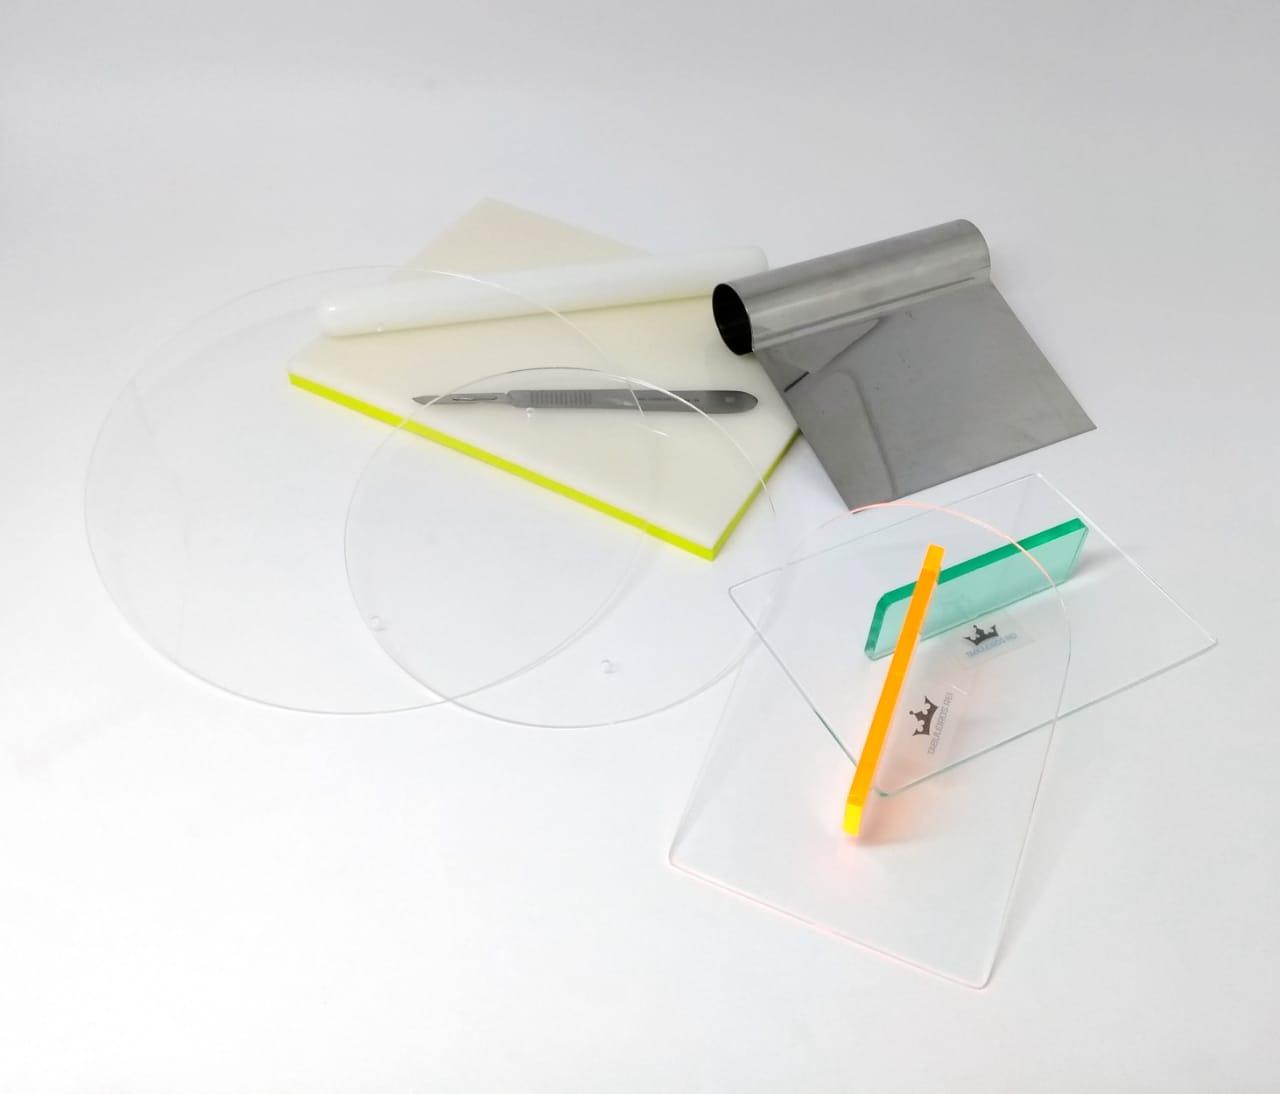 Kit completo para cake design